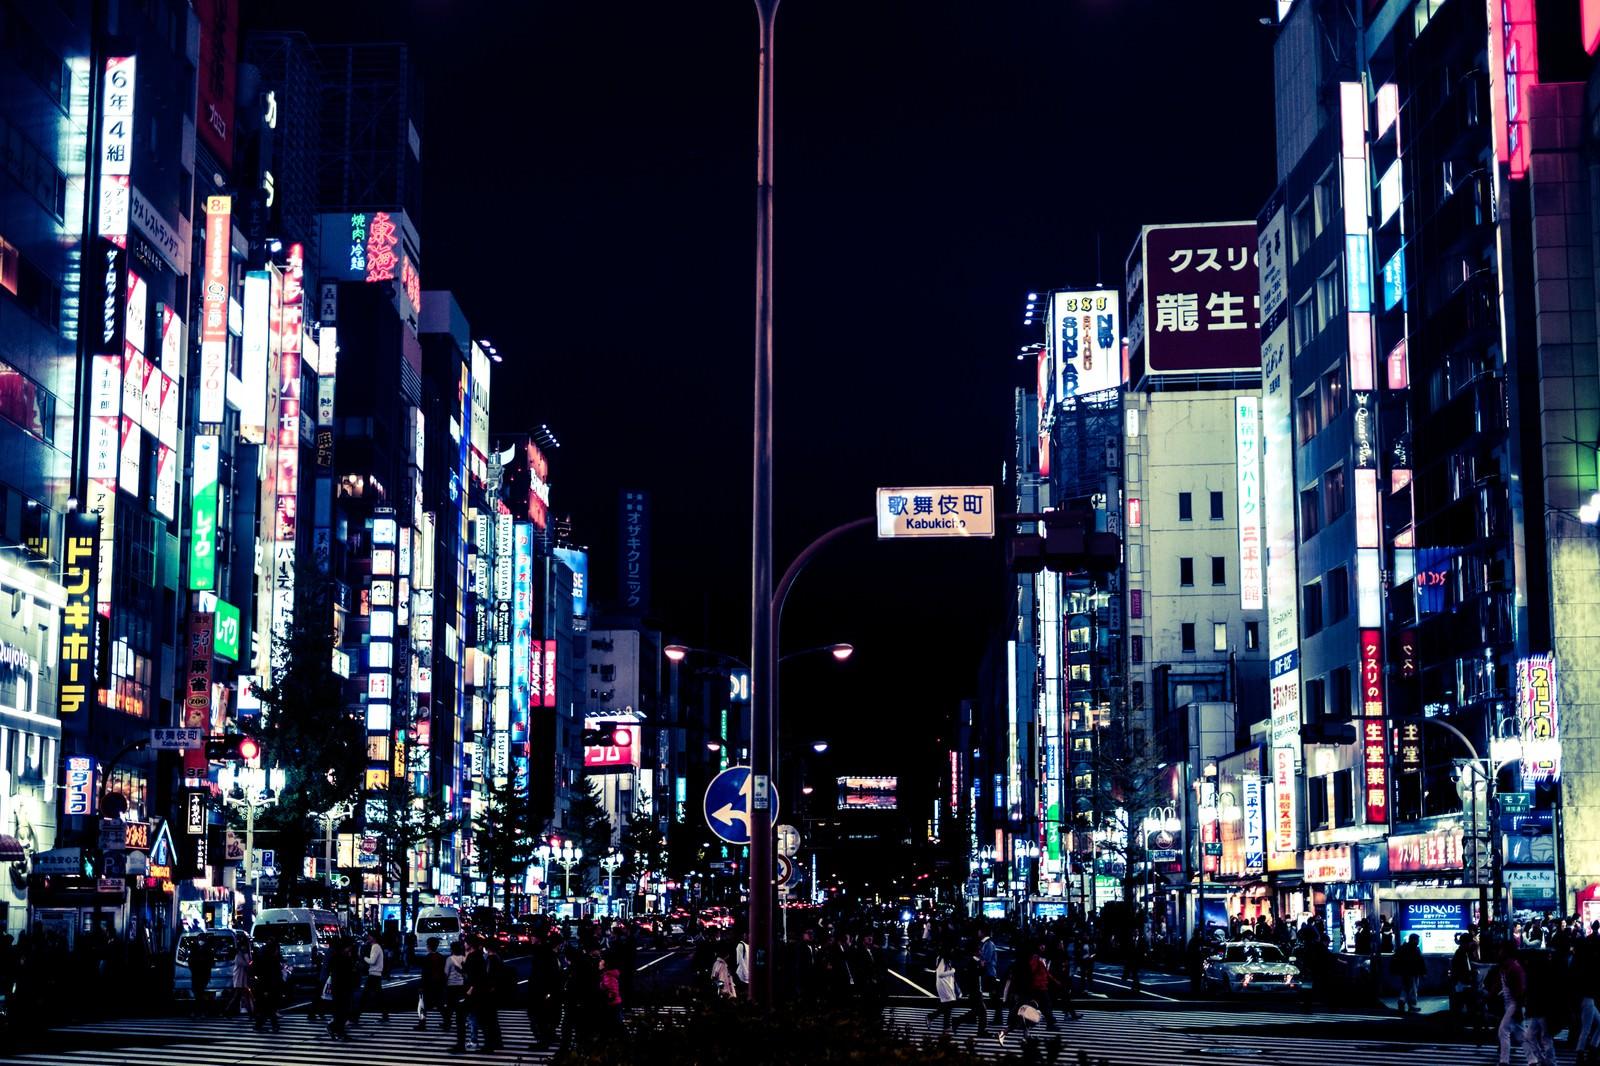 「眠らない街-歌舞伎町眠らない街-歌舞伎町」のフリー写真素材を拡大